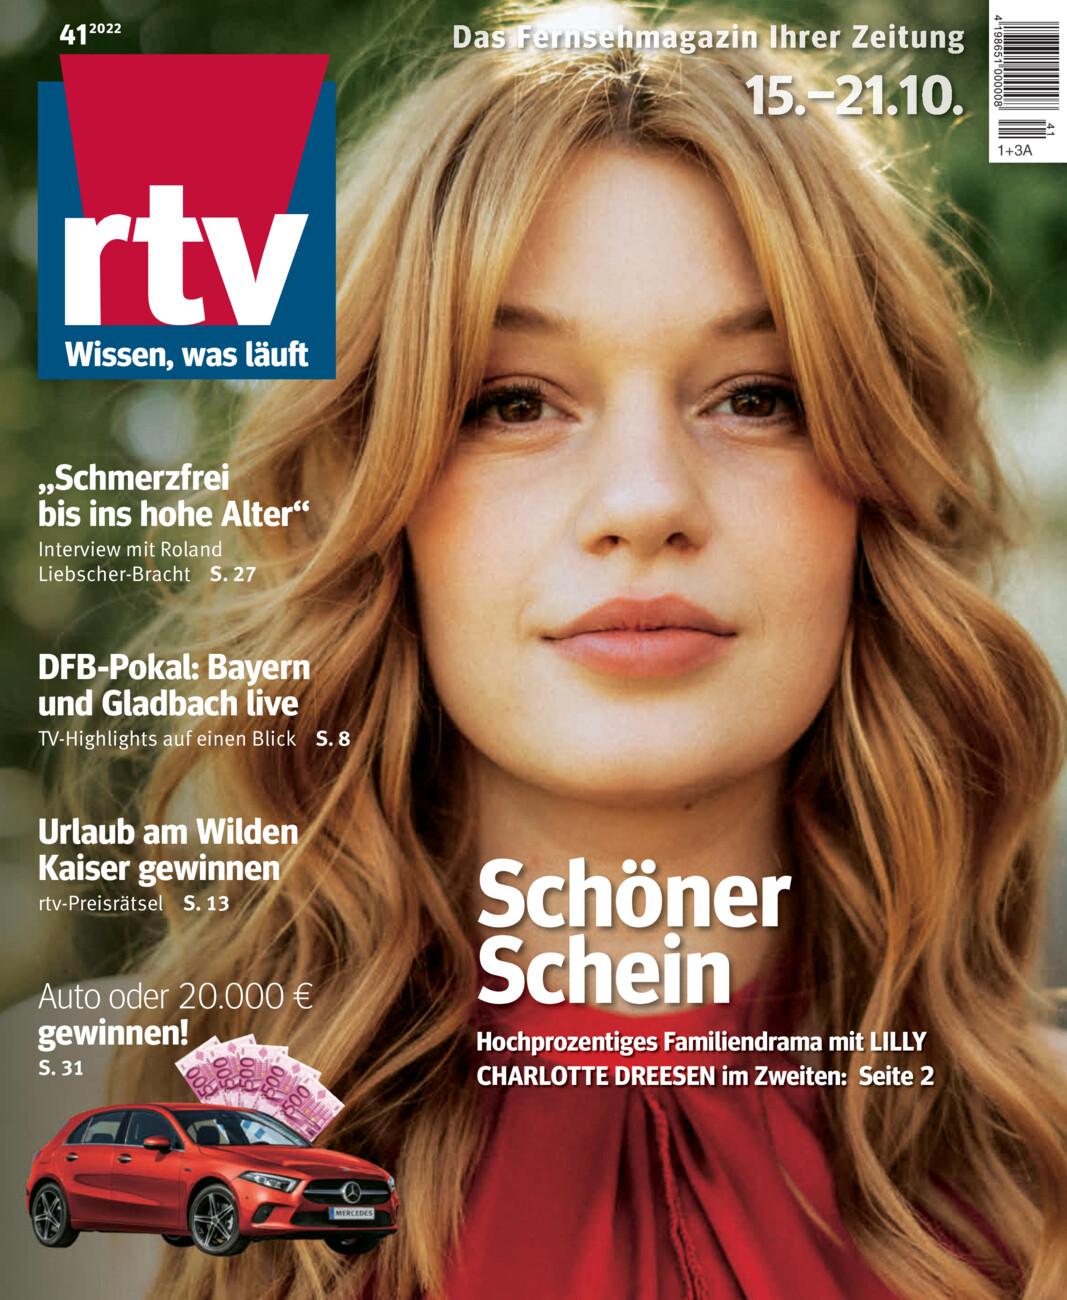 RTV Magazin vom Samstag, 16.10.2021